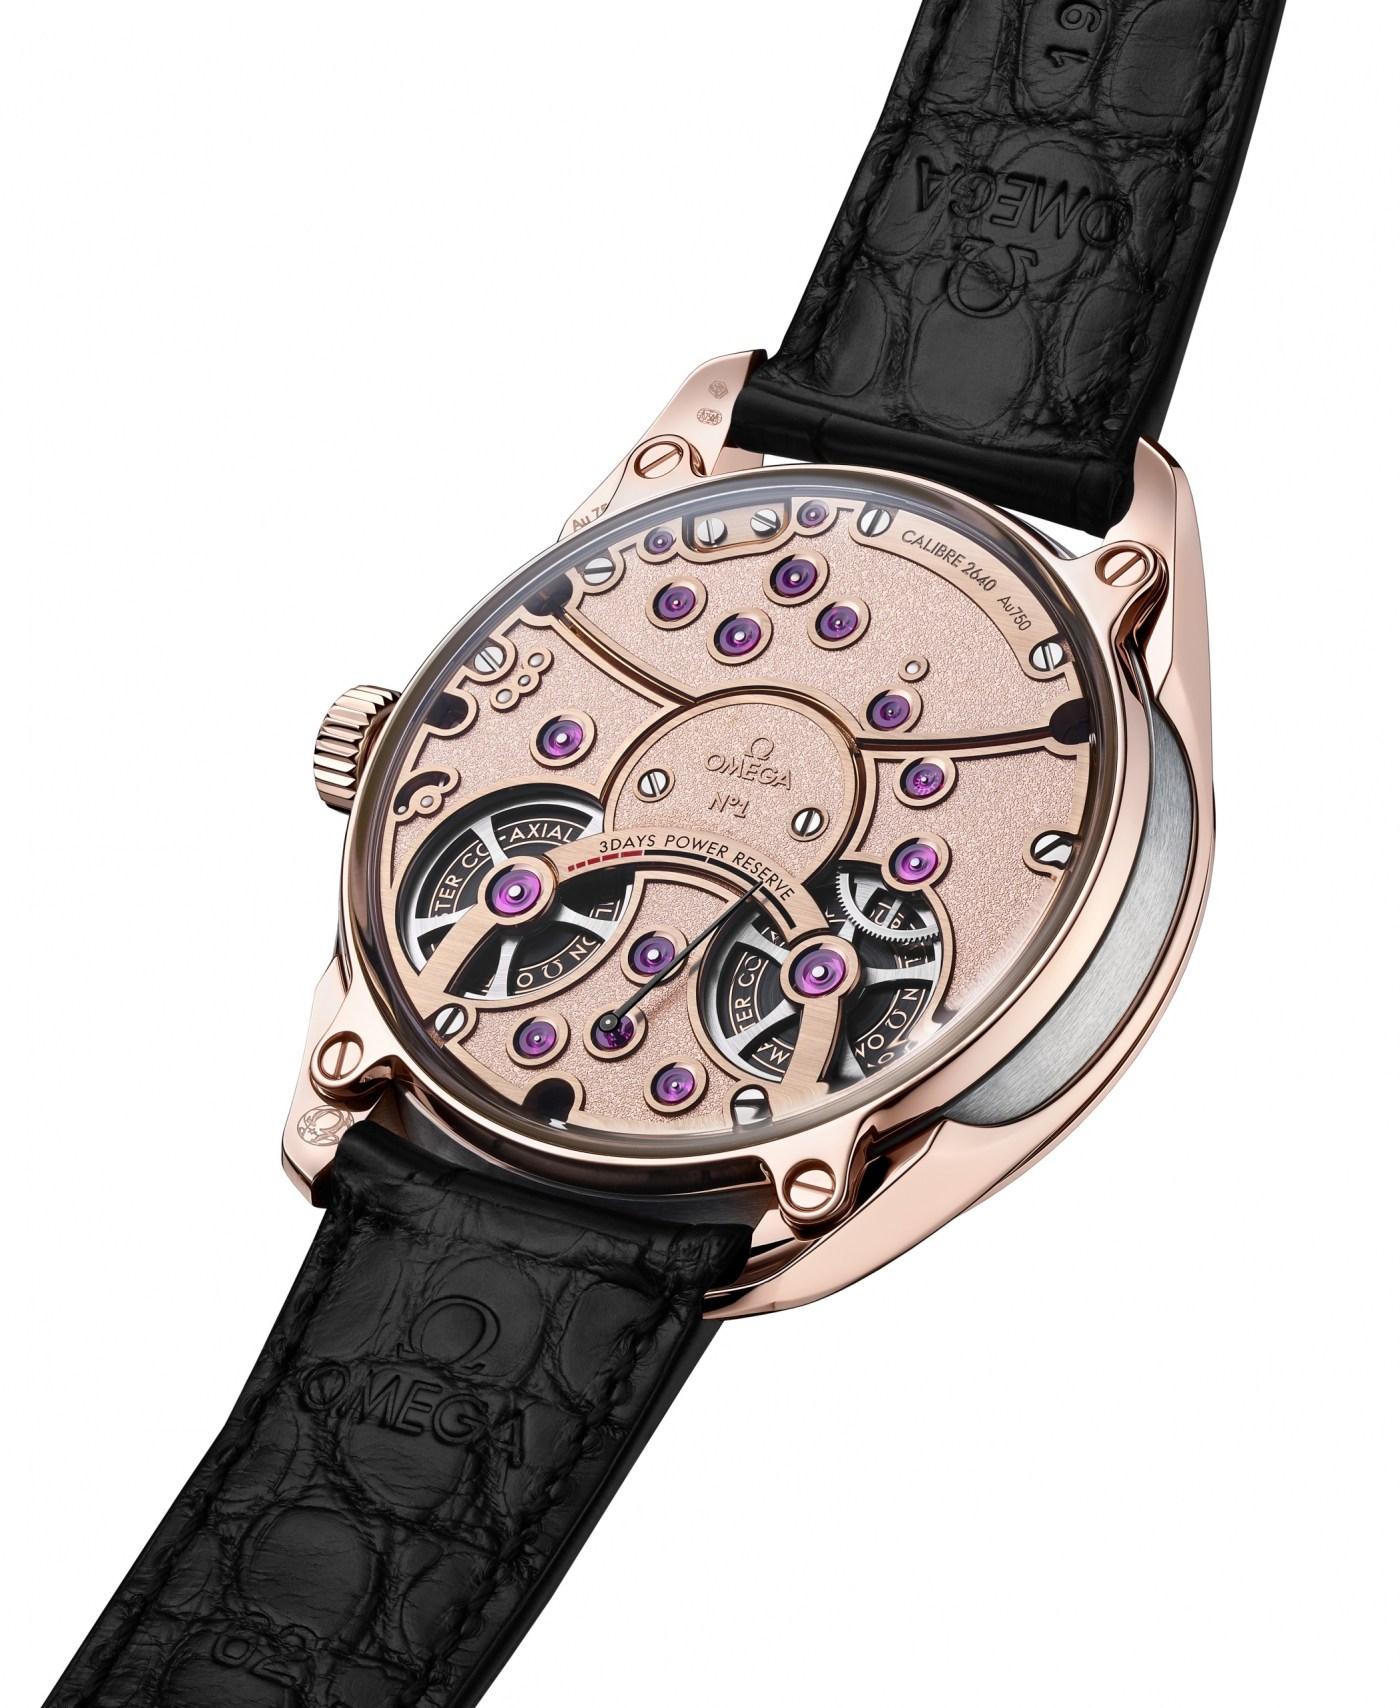 Omega De Ville Tourbillon Master Chronometer caseback